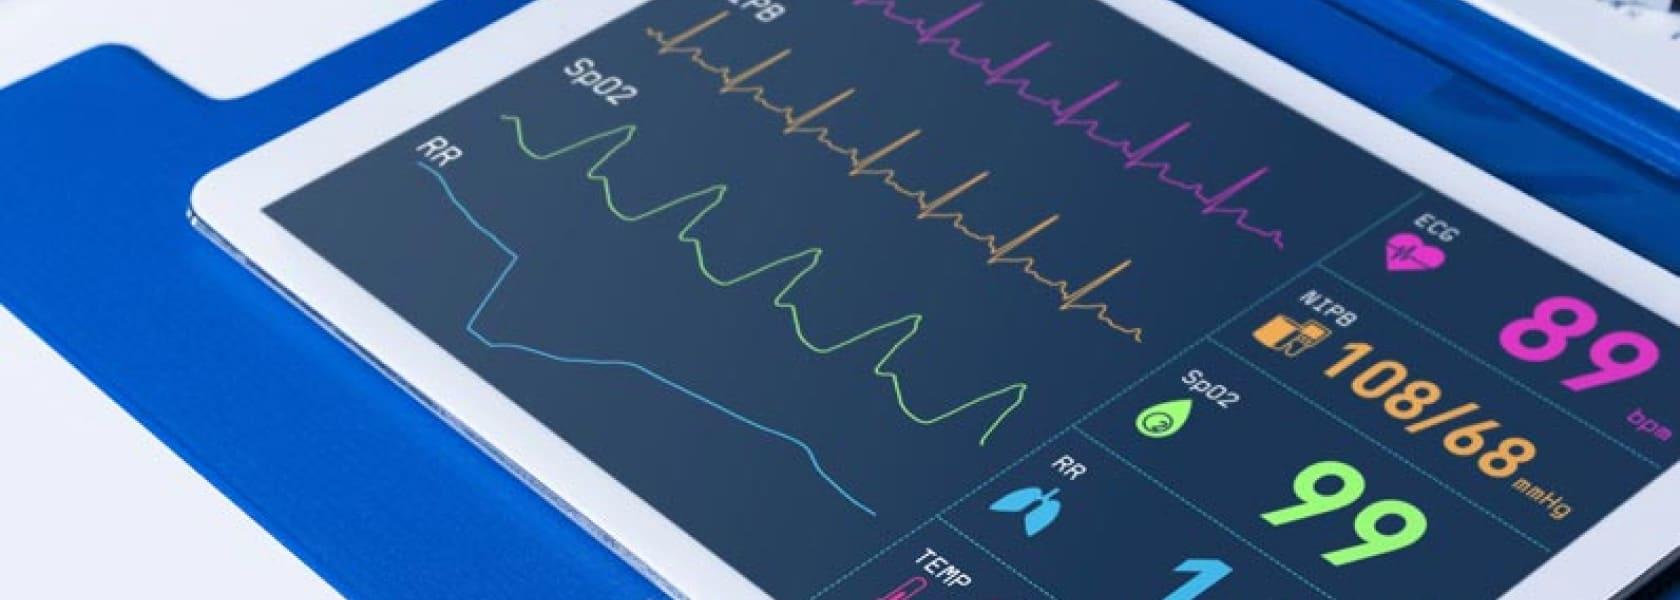 E-Medicine & Healthcare IoT Blockchain Use Cases image